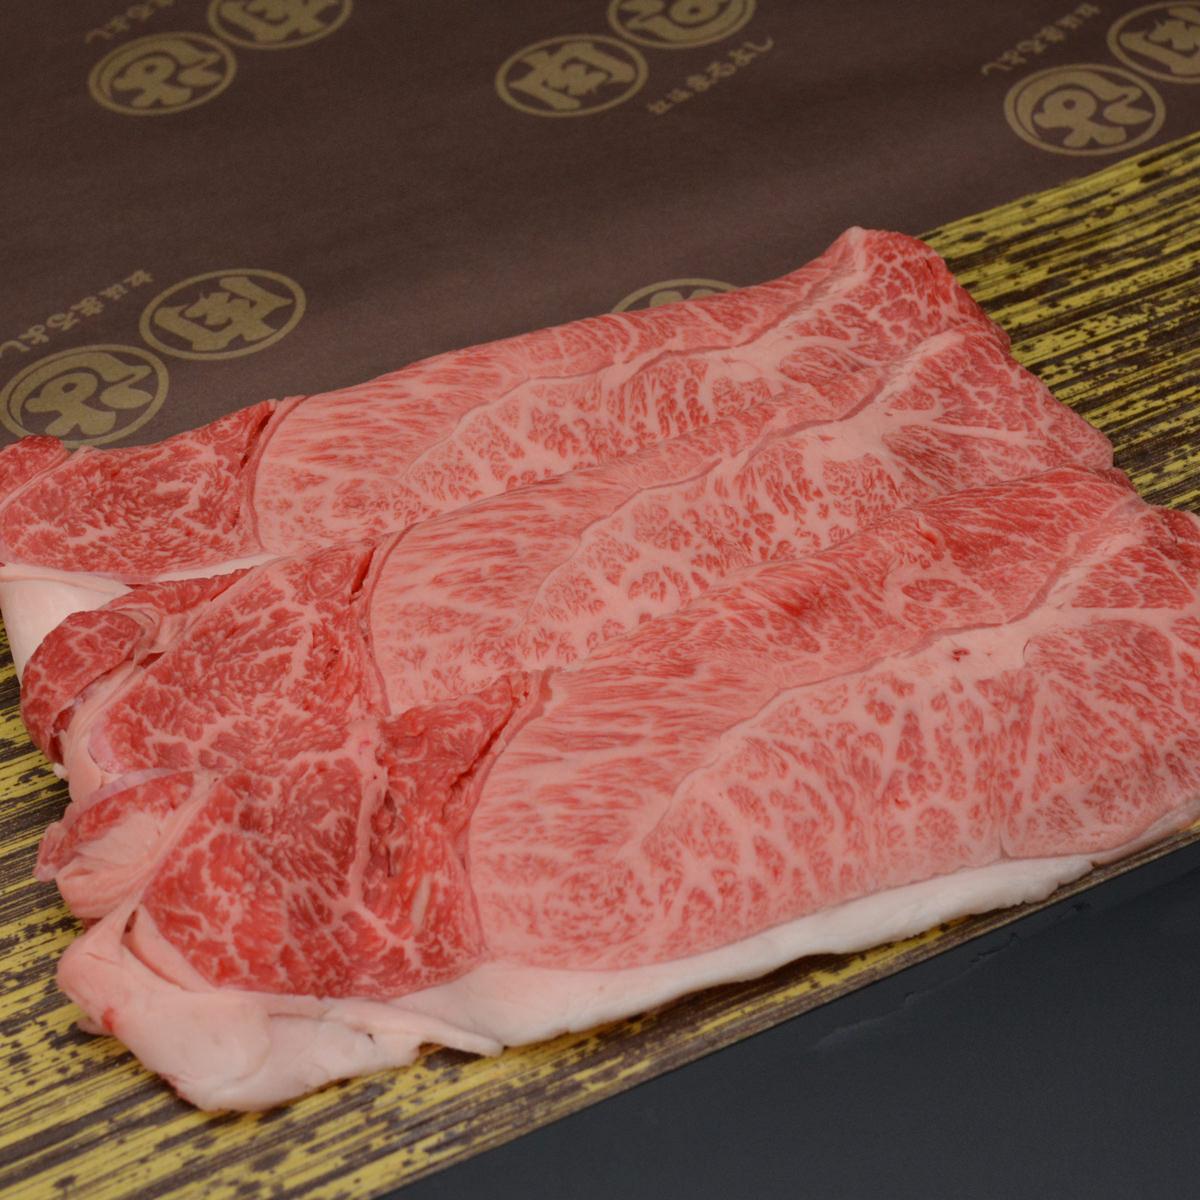 松阪まるよし 松阪牛すき焼き用スライス肉 〔肩・モモ400g〕三重県